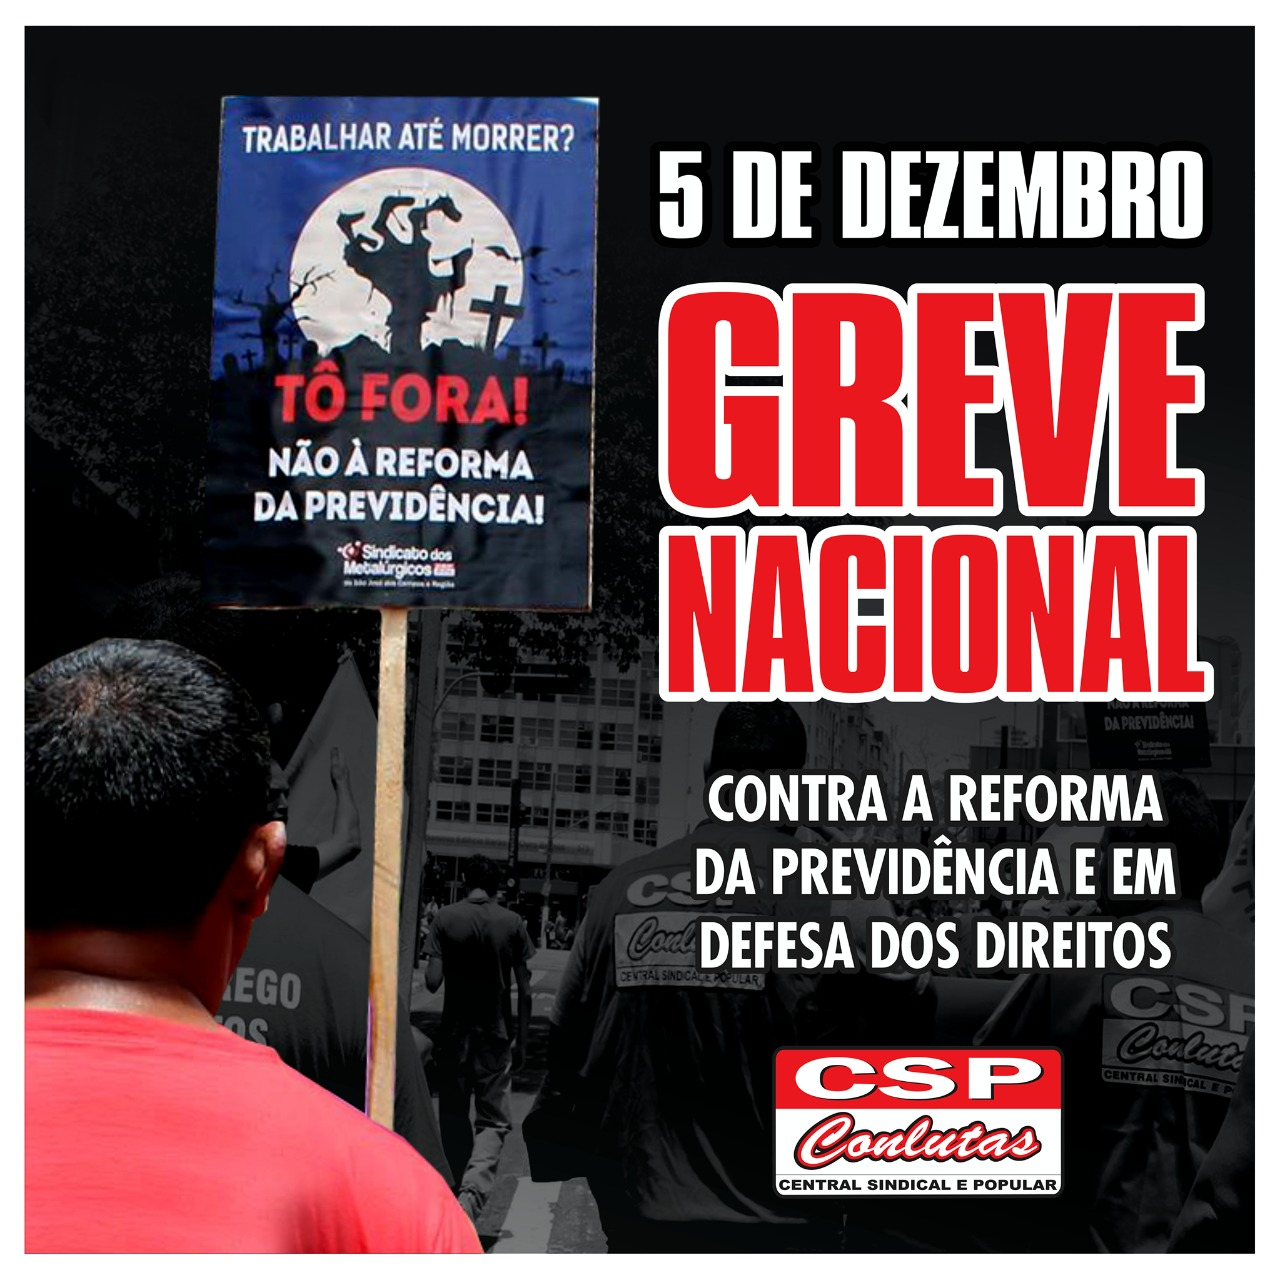 Centrais convocam Greve Nacional dia 5/12 contra Reforma da Previdência e em defesa dos direitos